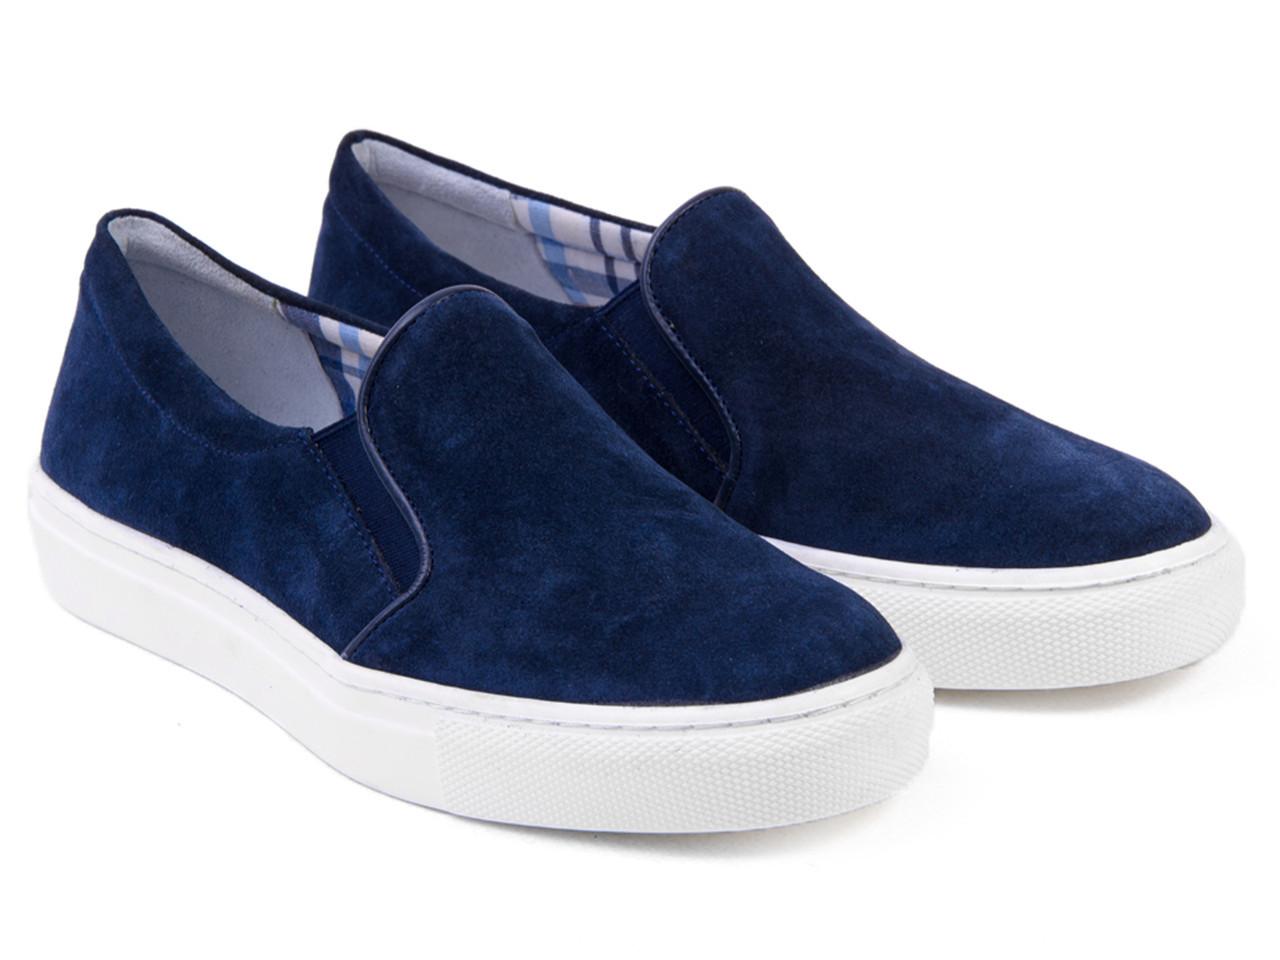 Слипоны Etor 4466-7165 -1 синие